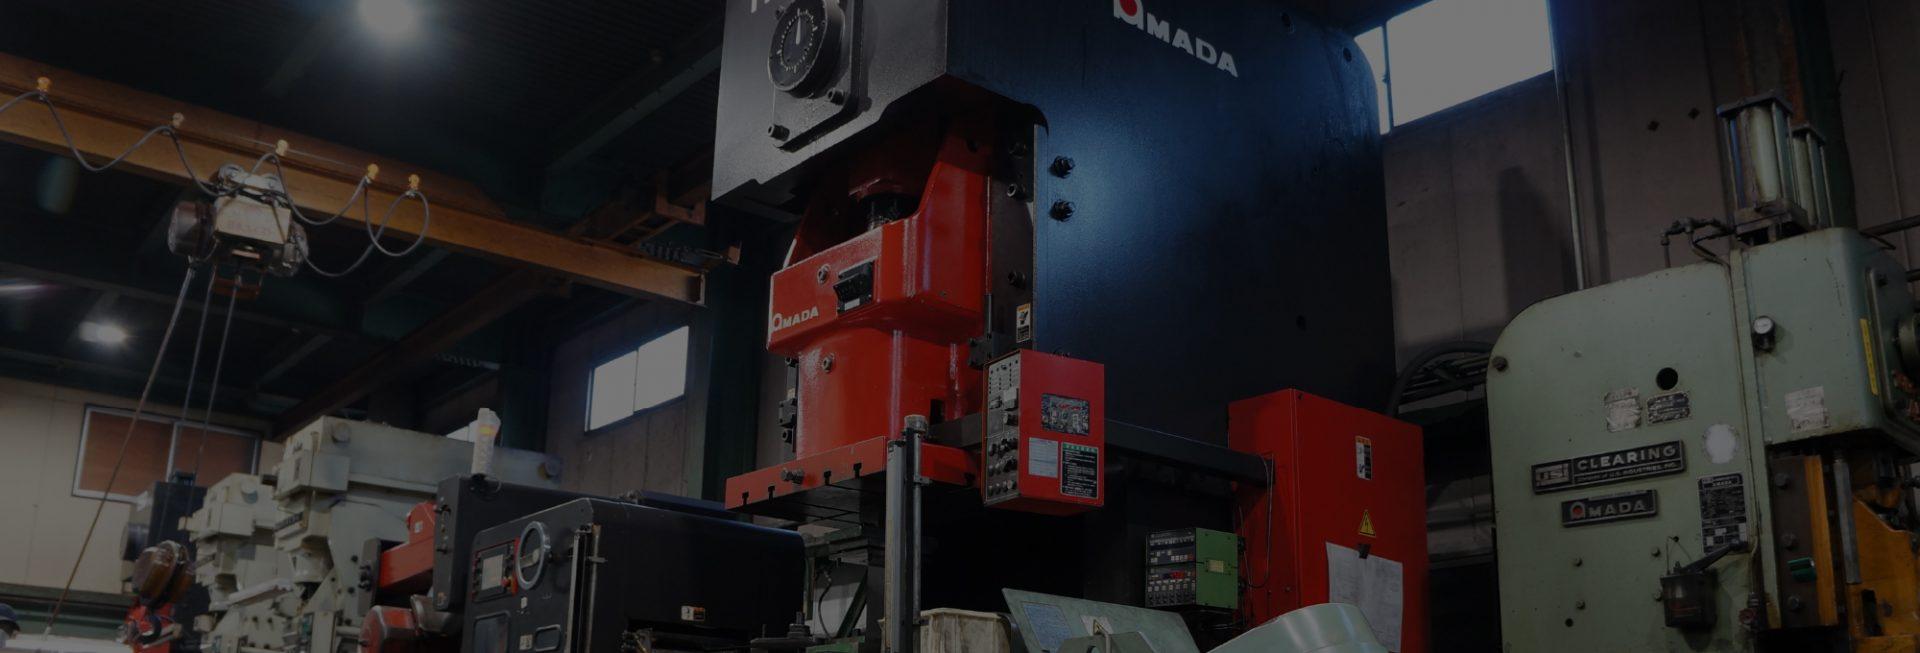 松内電器工業 株式会社 主要設備 背景画像